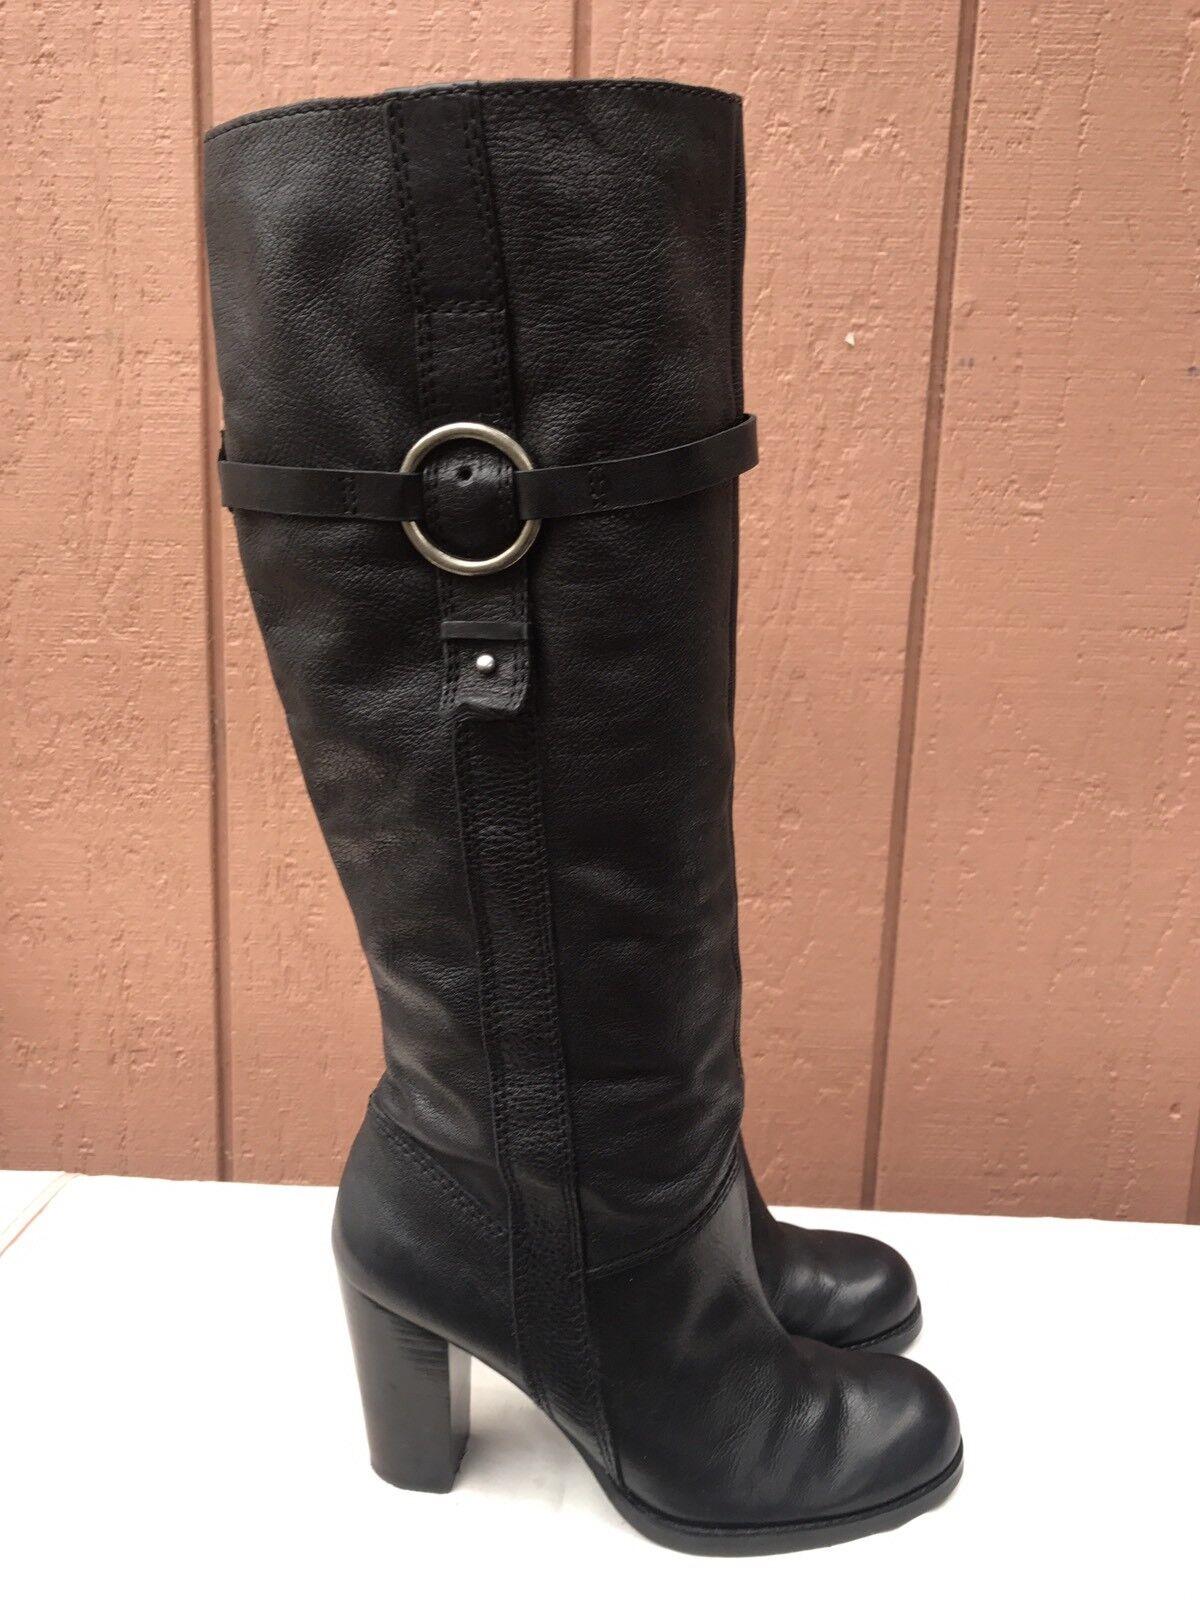 Nine West Kayleer Size US 8 Buckle Black Genuine Leather Stacked Block Heel Boot